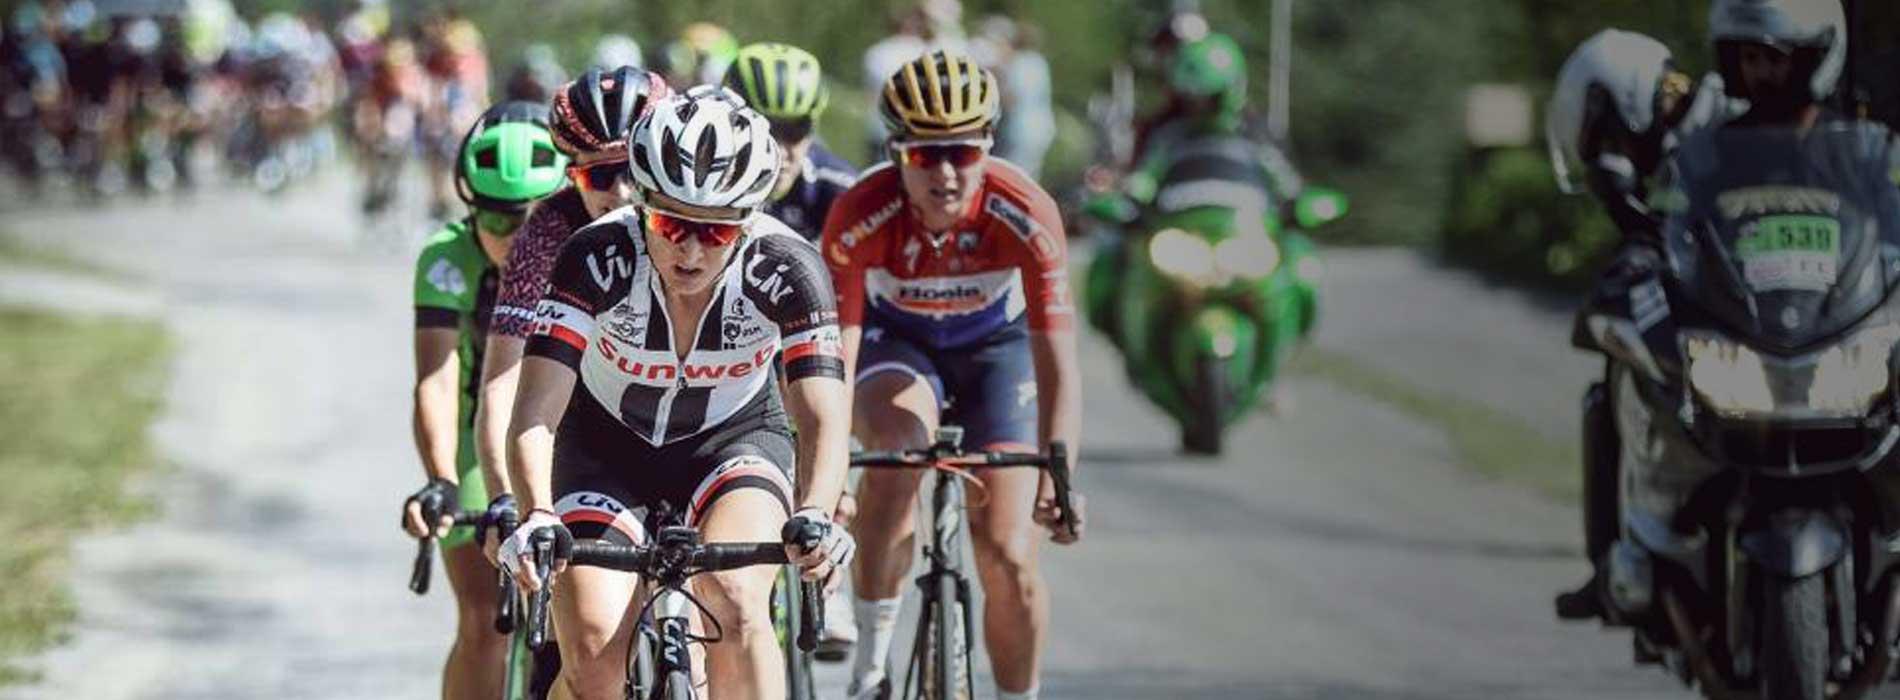 ¿Por qué debes ver La Course por Señal Colombia? / La Course oficial